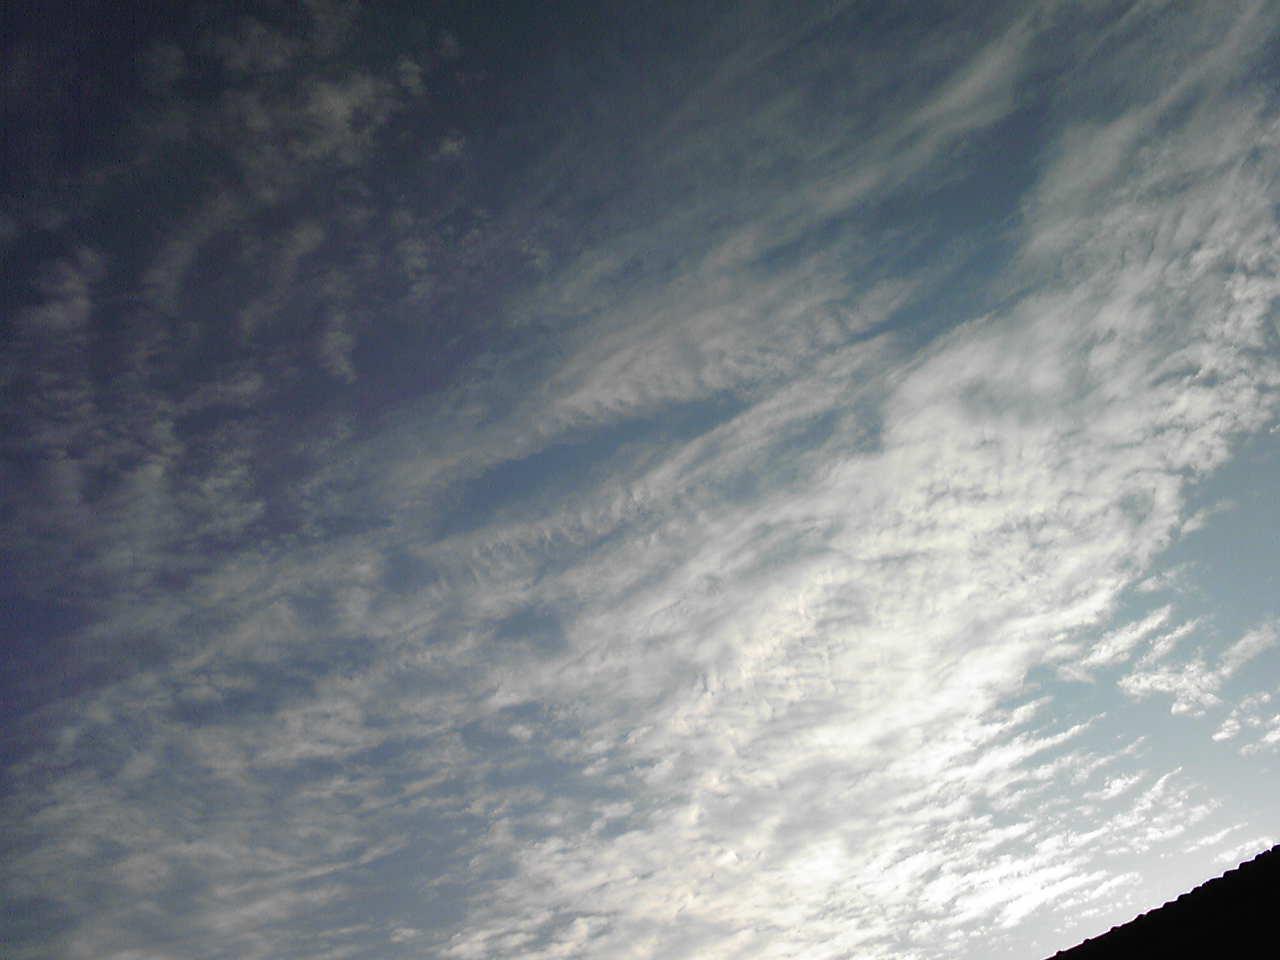 Cloud of angel